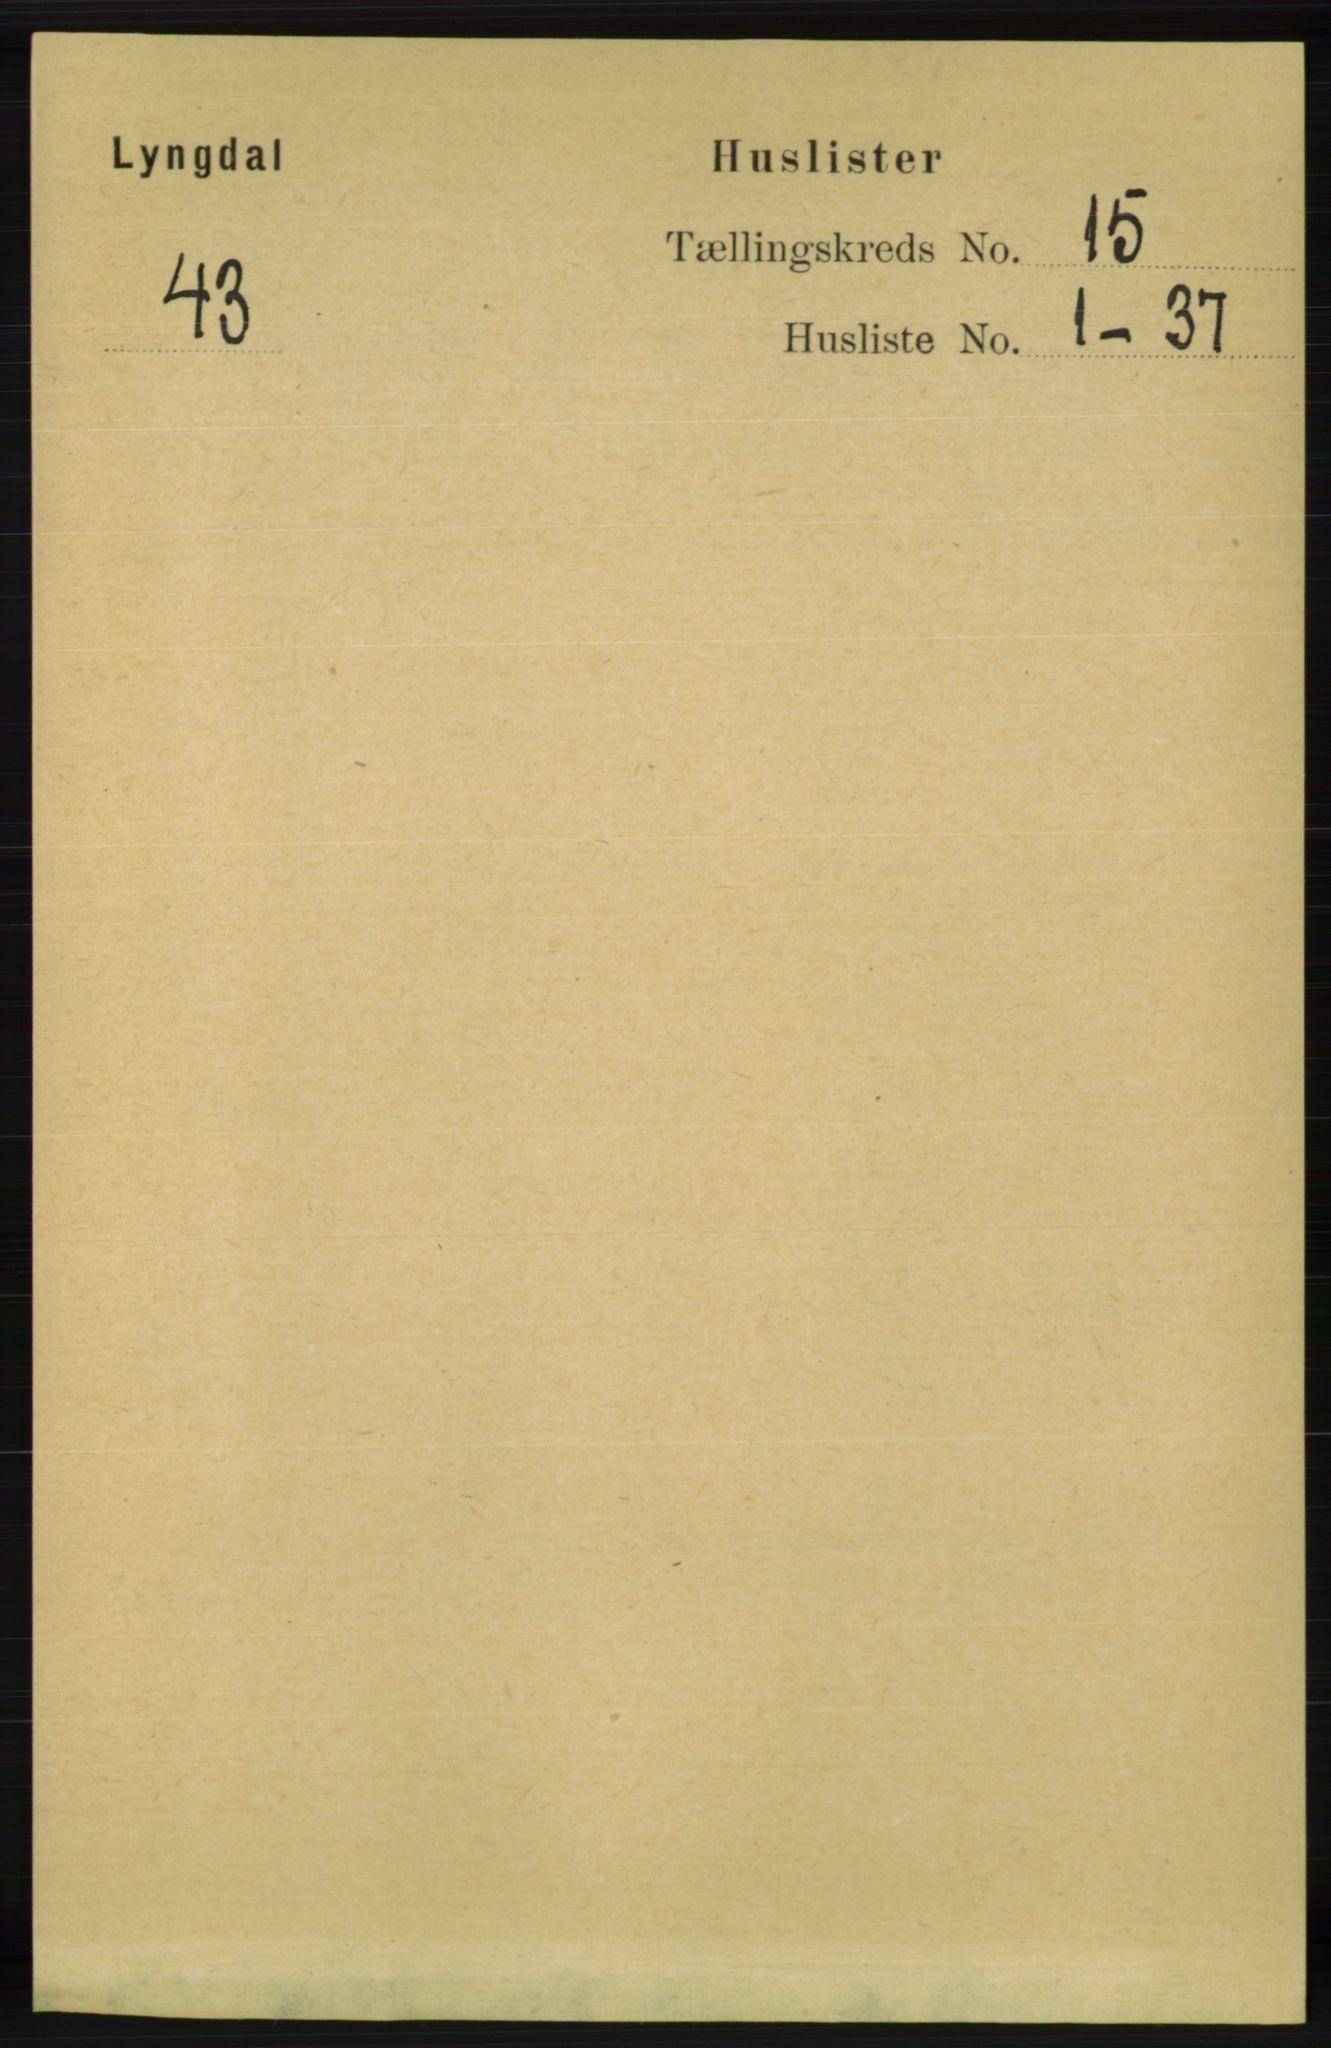 RA, Folketelling 1891 for 1032 Lyngdal herred, 1891, s. 6020